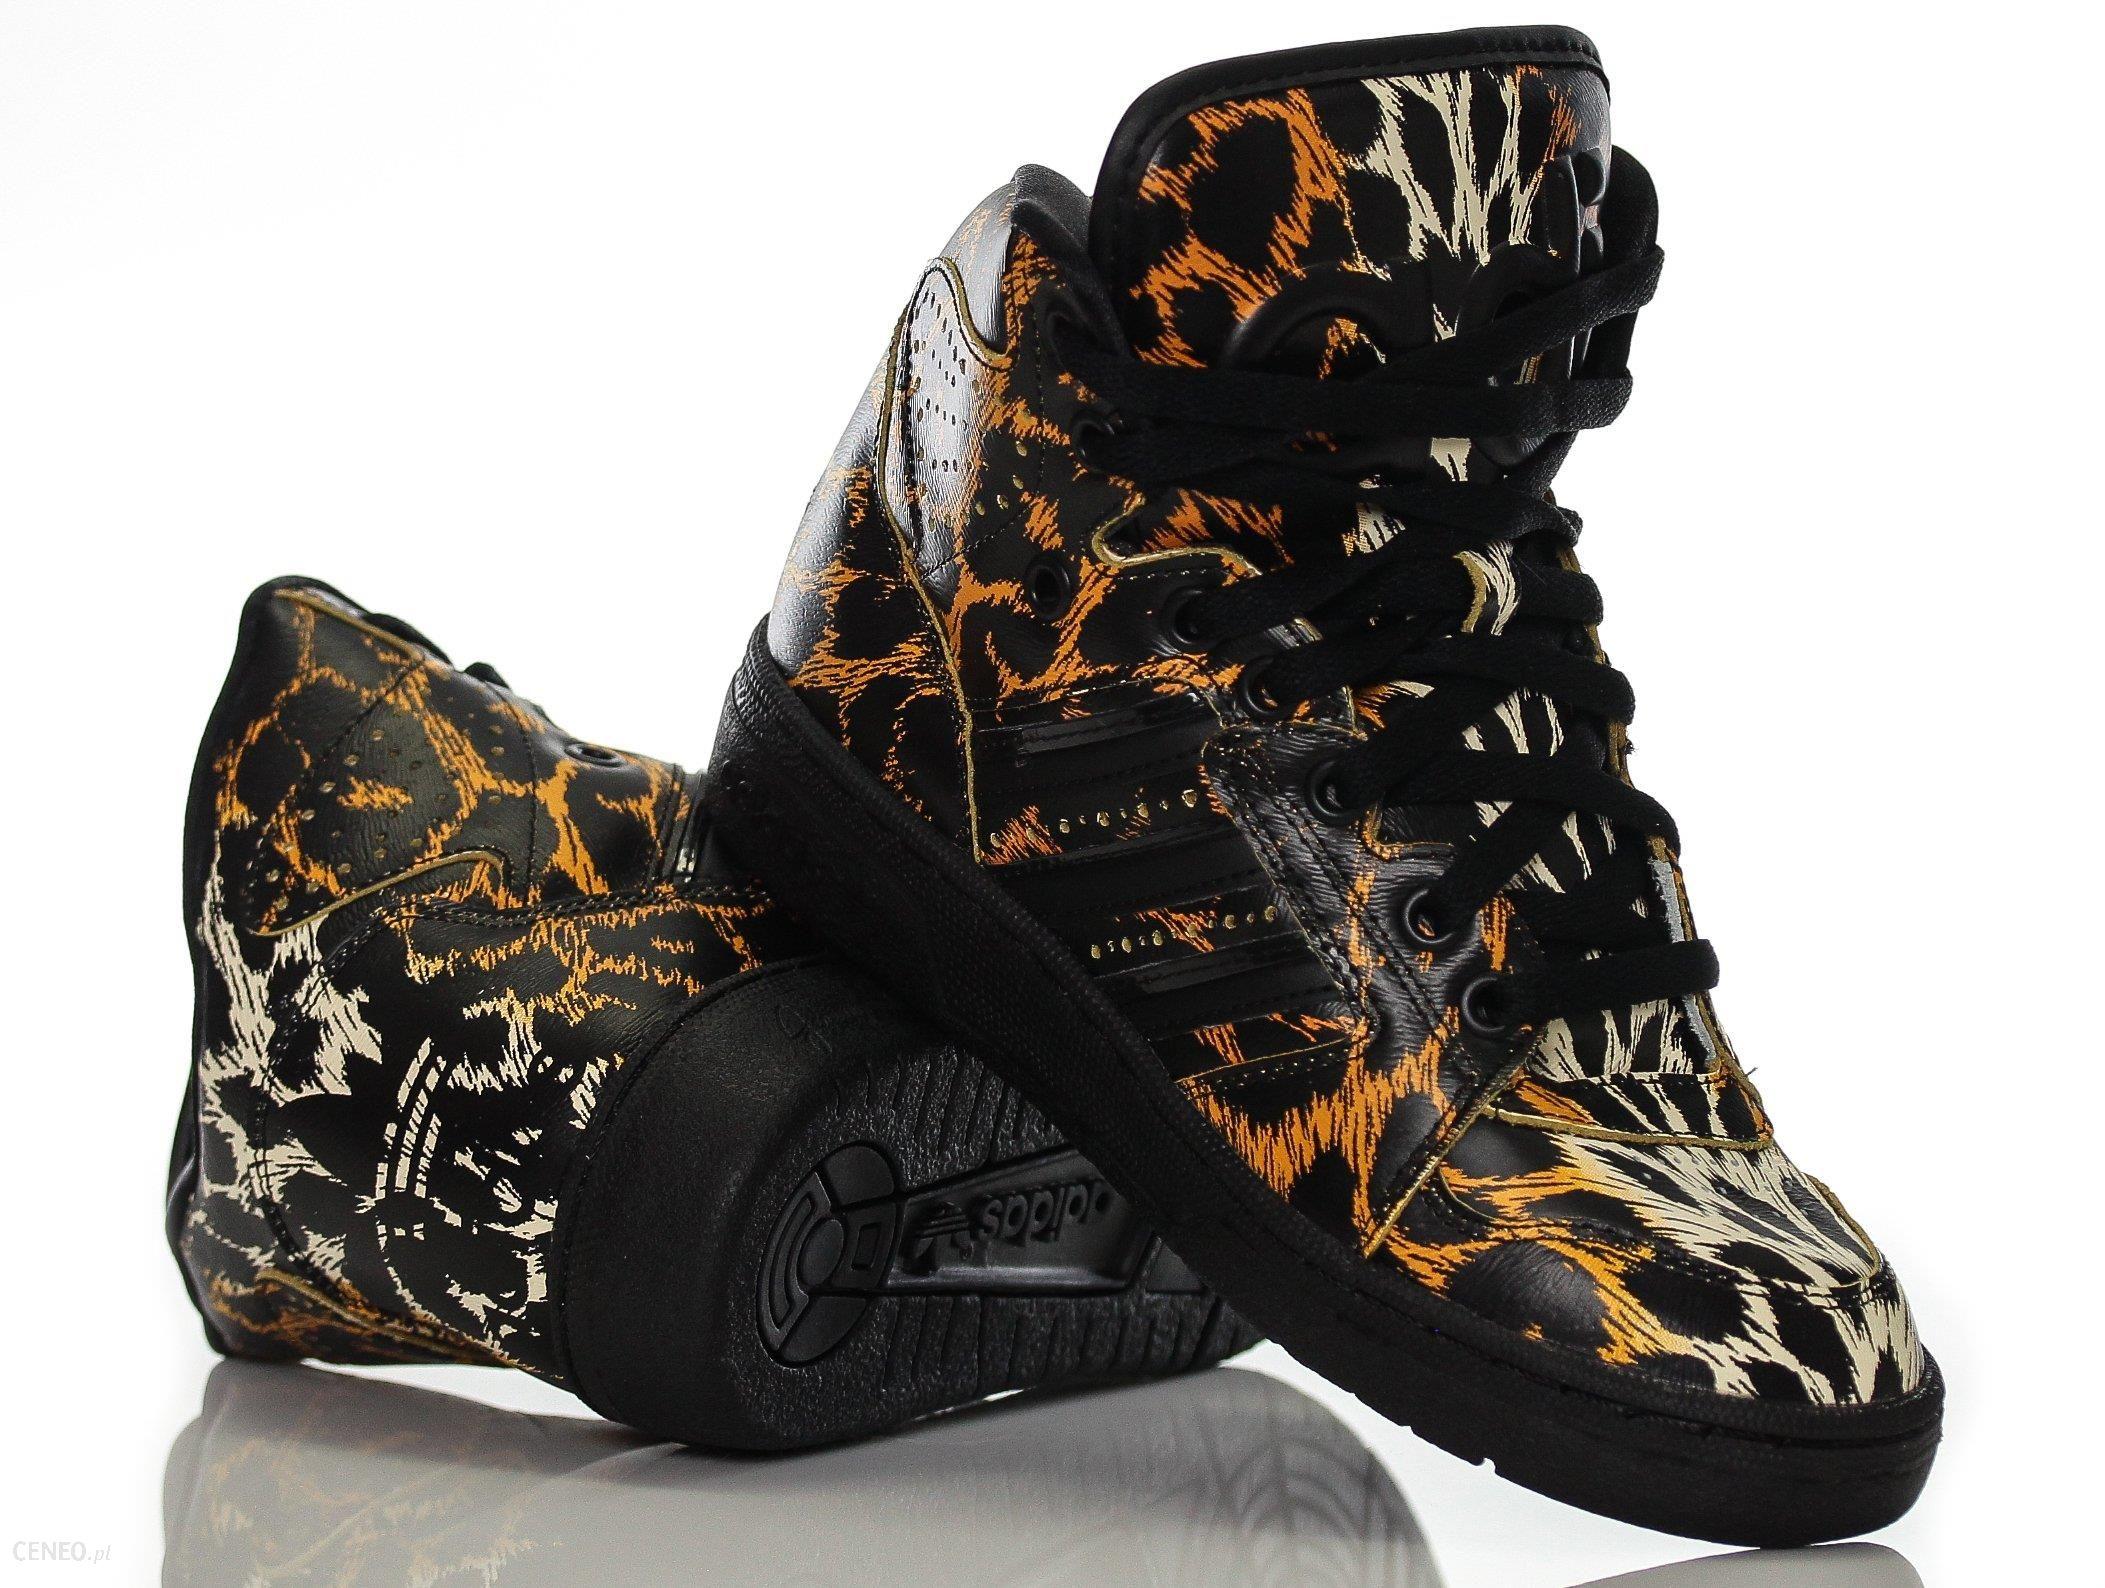 Sniegowcy buty zimowe damskie Reebok R36 i inne Zdjęcie na